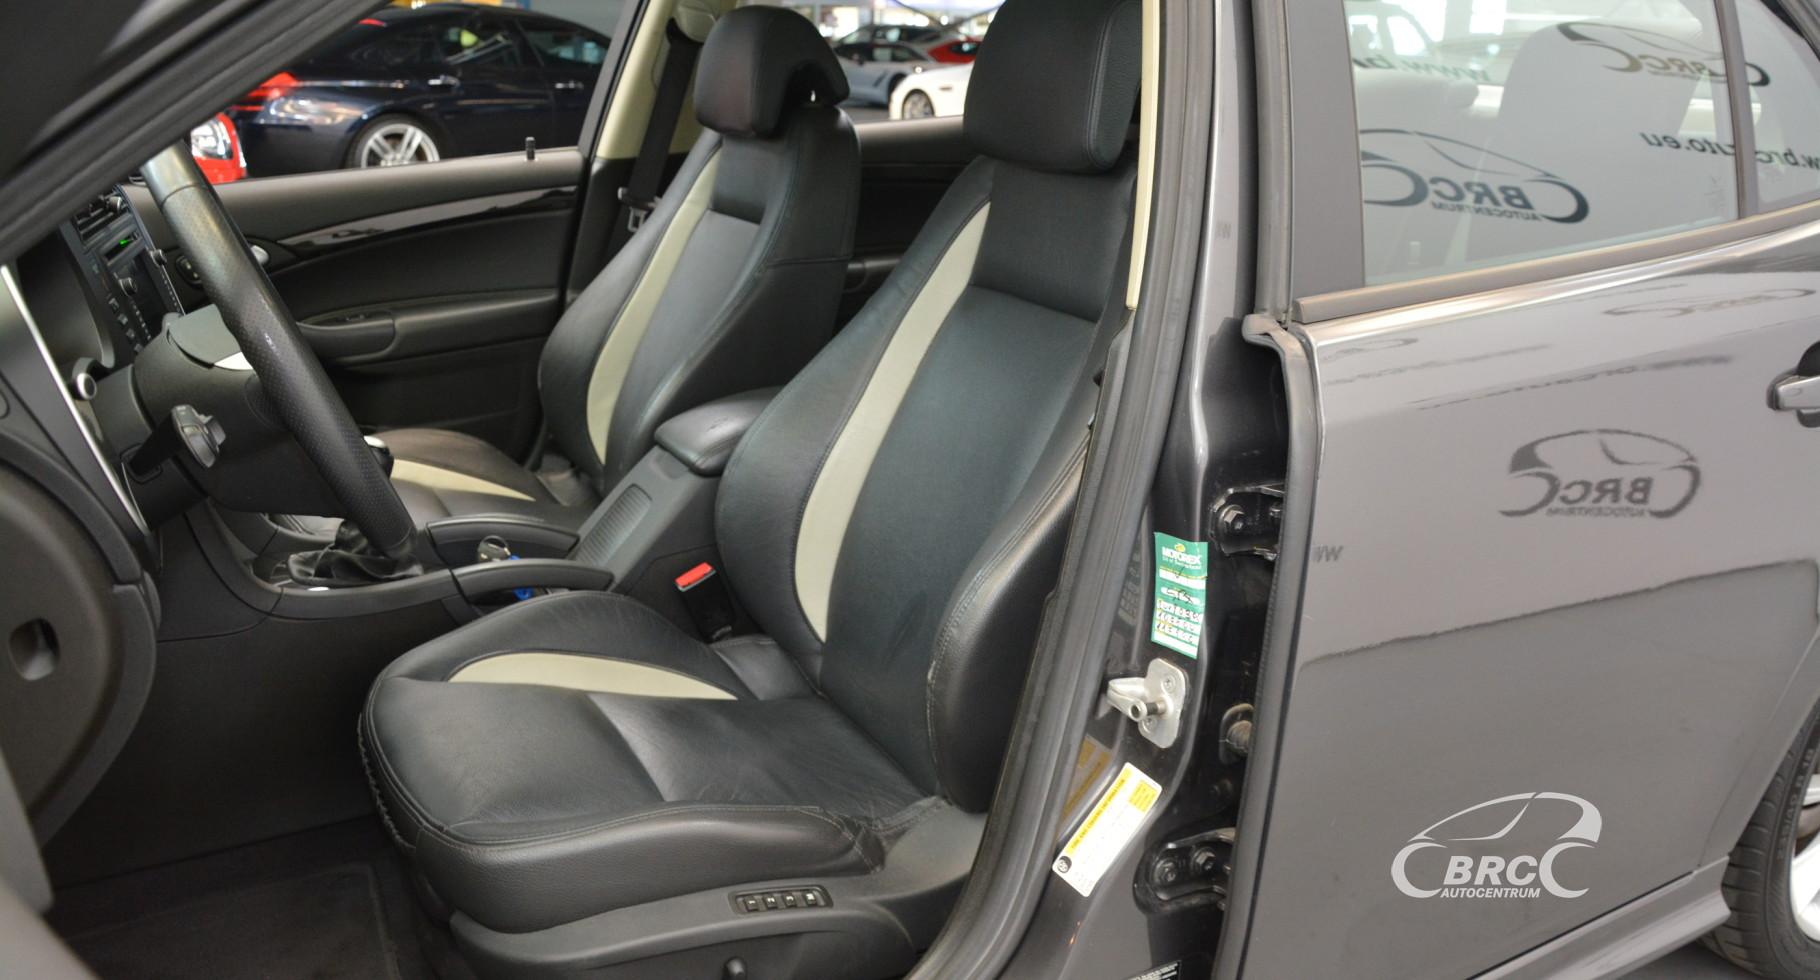 Saab 9-3 Aero V6 XWD